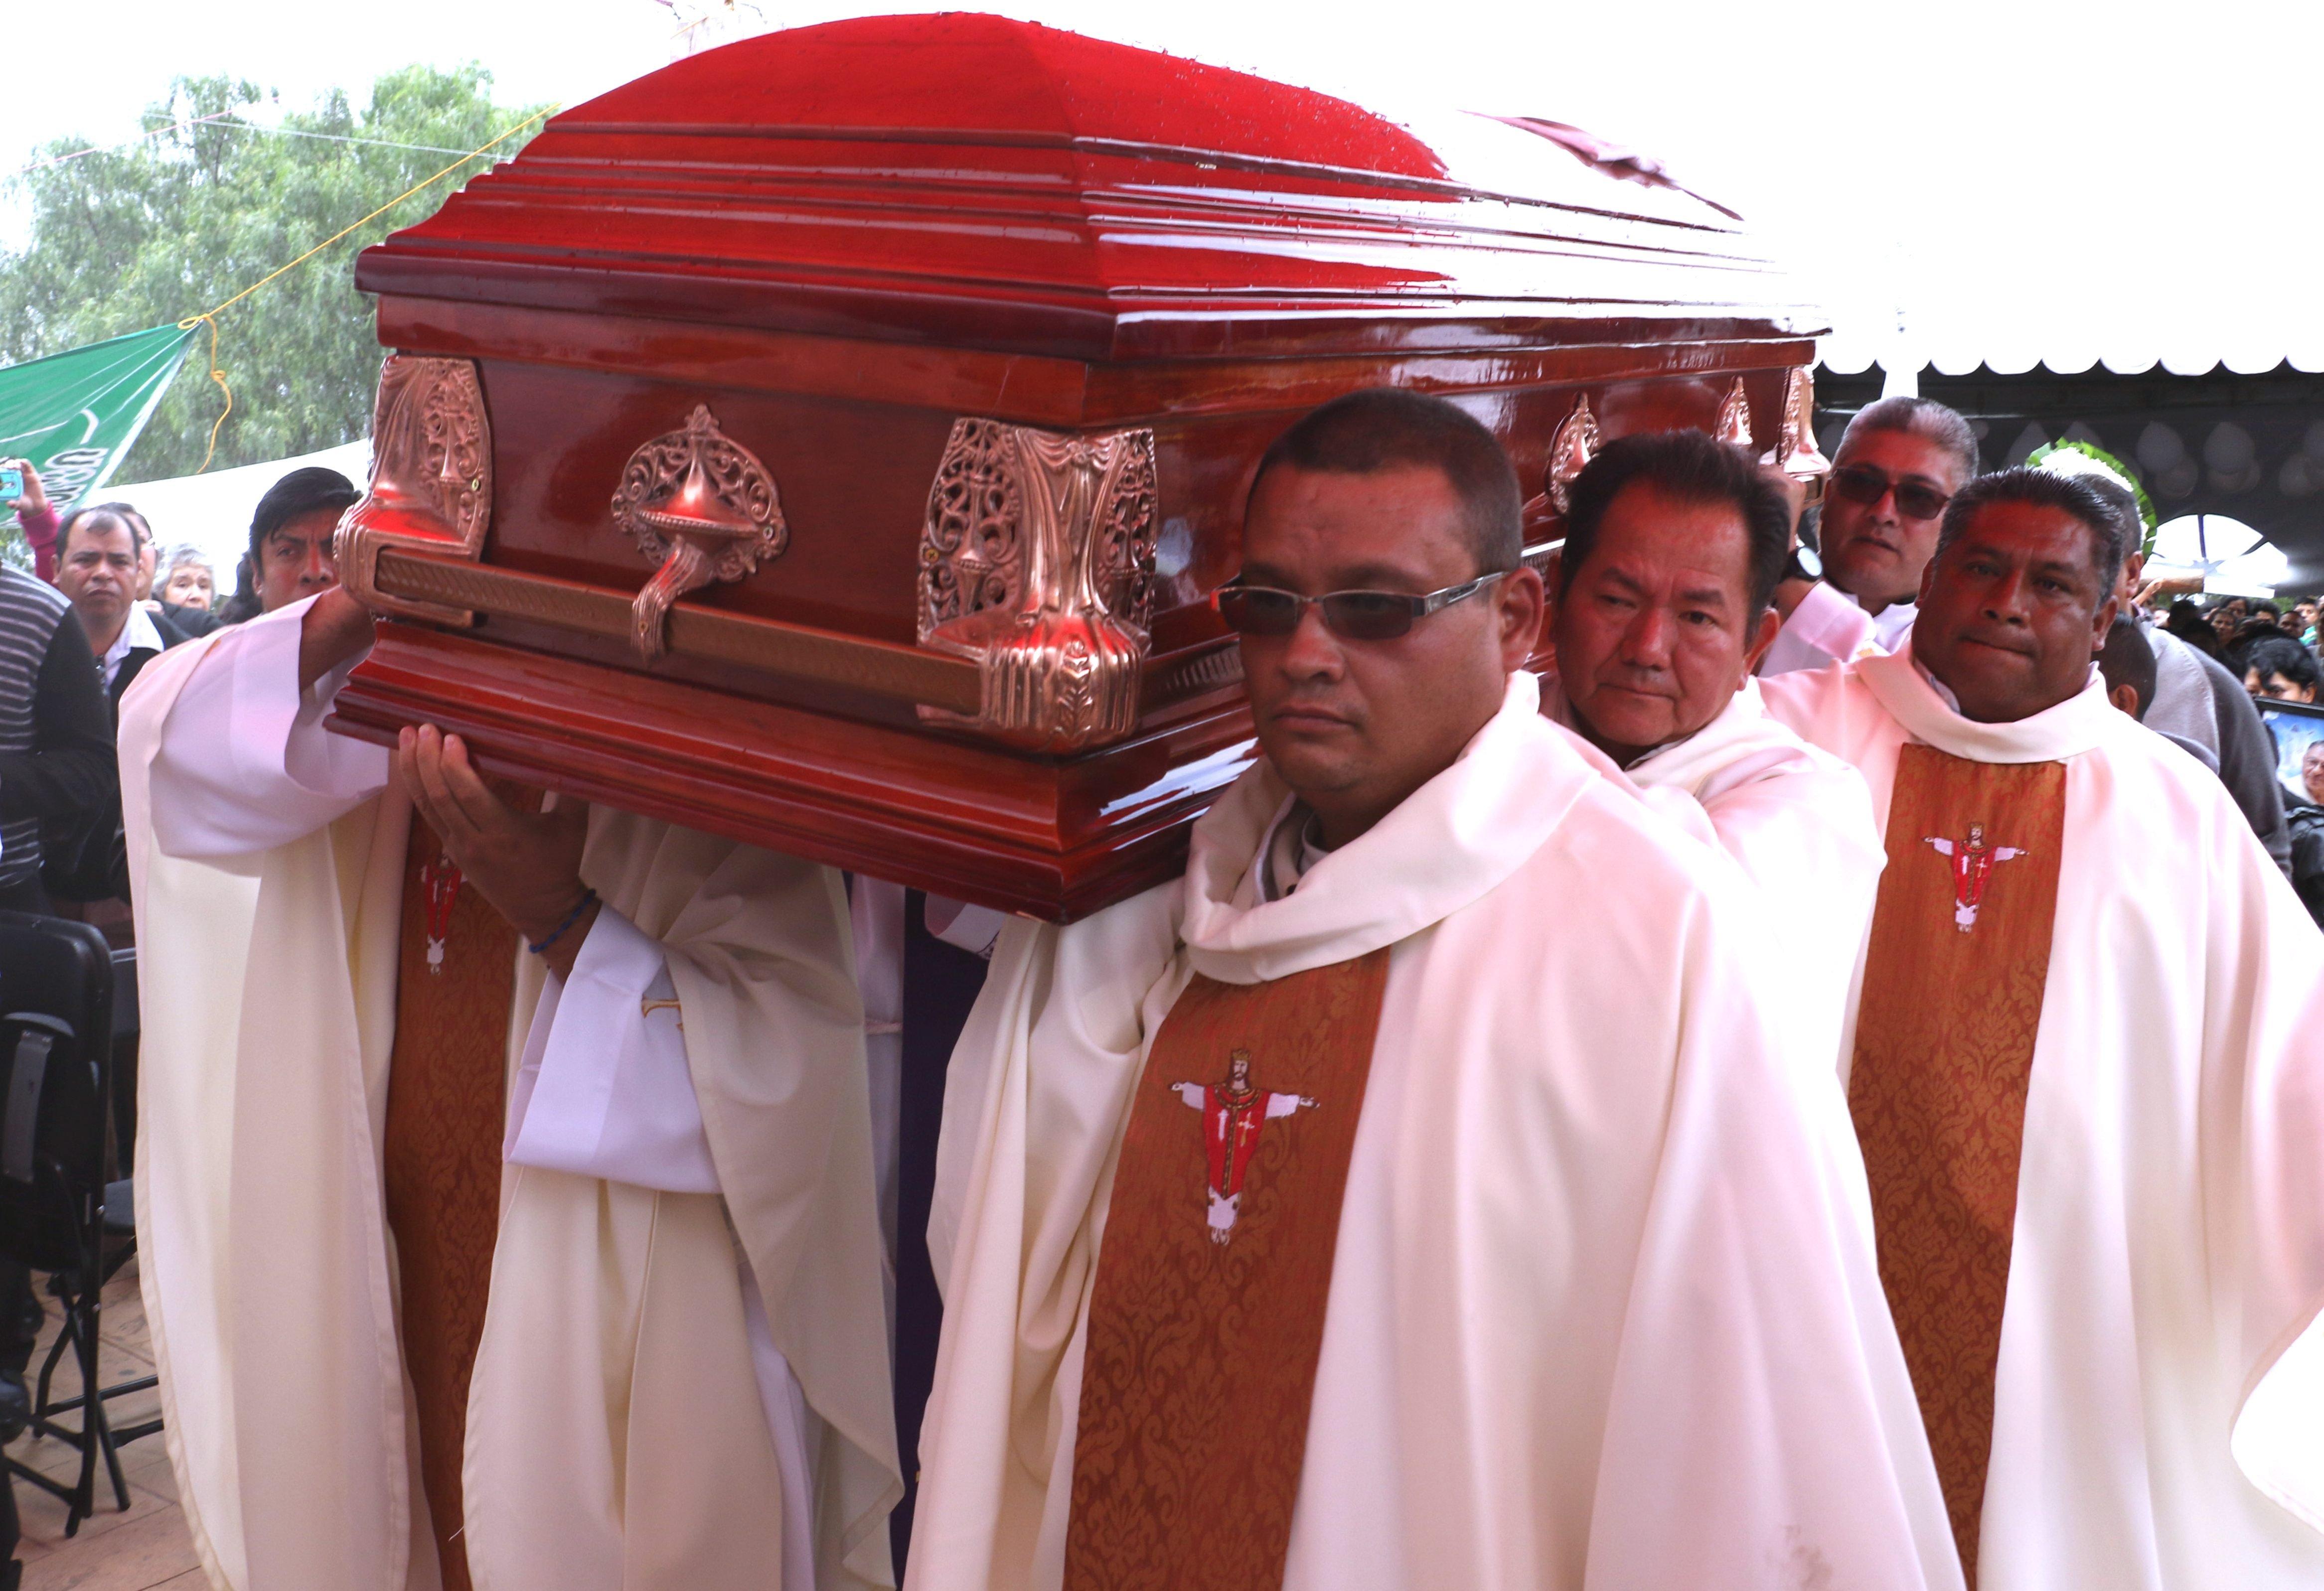 """México: los asesinatos impunes de los sacerdotes son para provocar """"desestabilización social"""""""